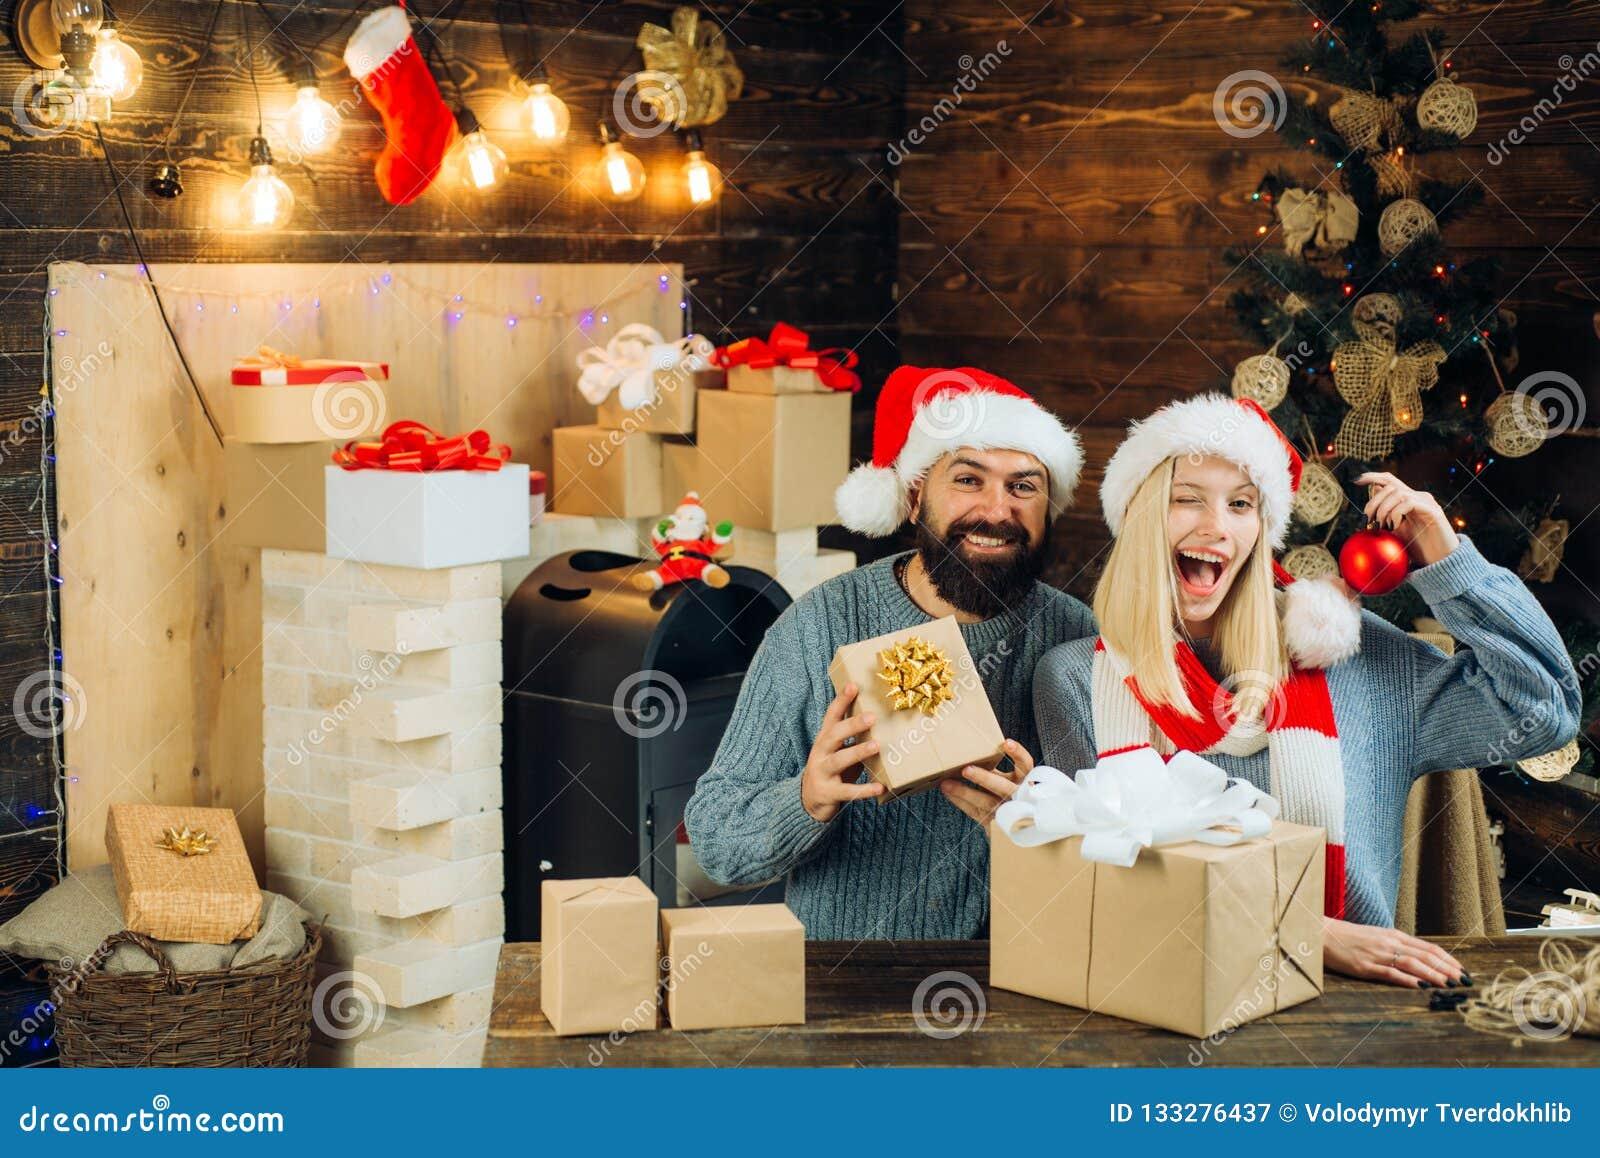 Expressões faciais das emoções humanas positivas Interior do Natal Natal da família feliz Ano novo feliz Conceito do ano novo